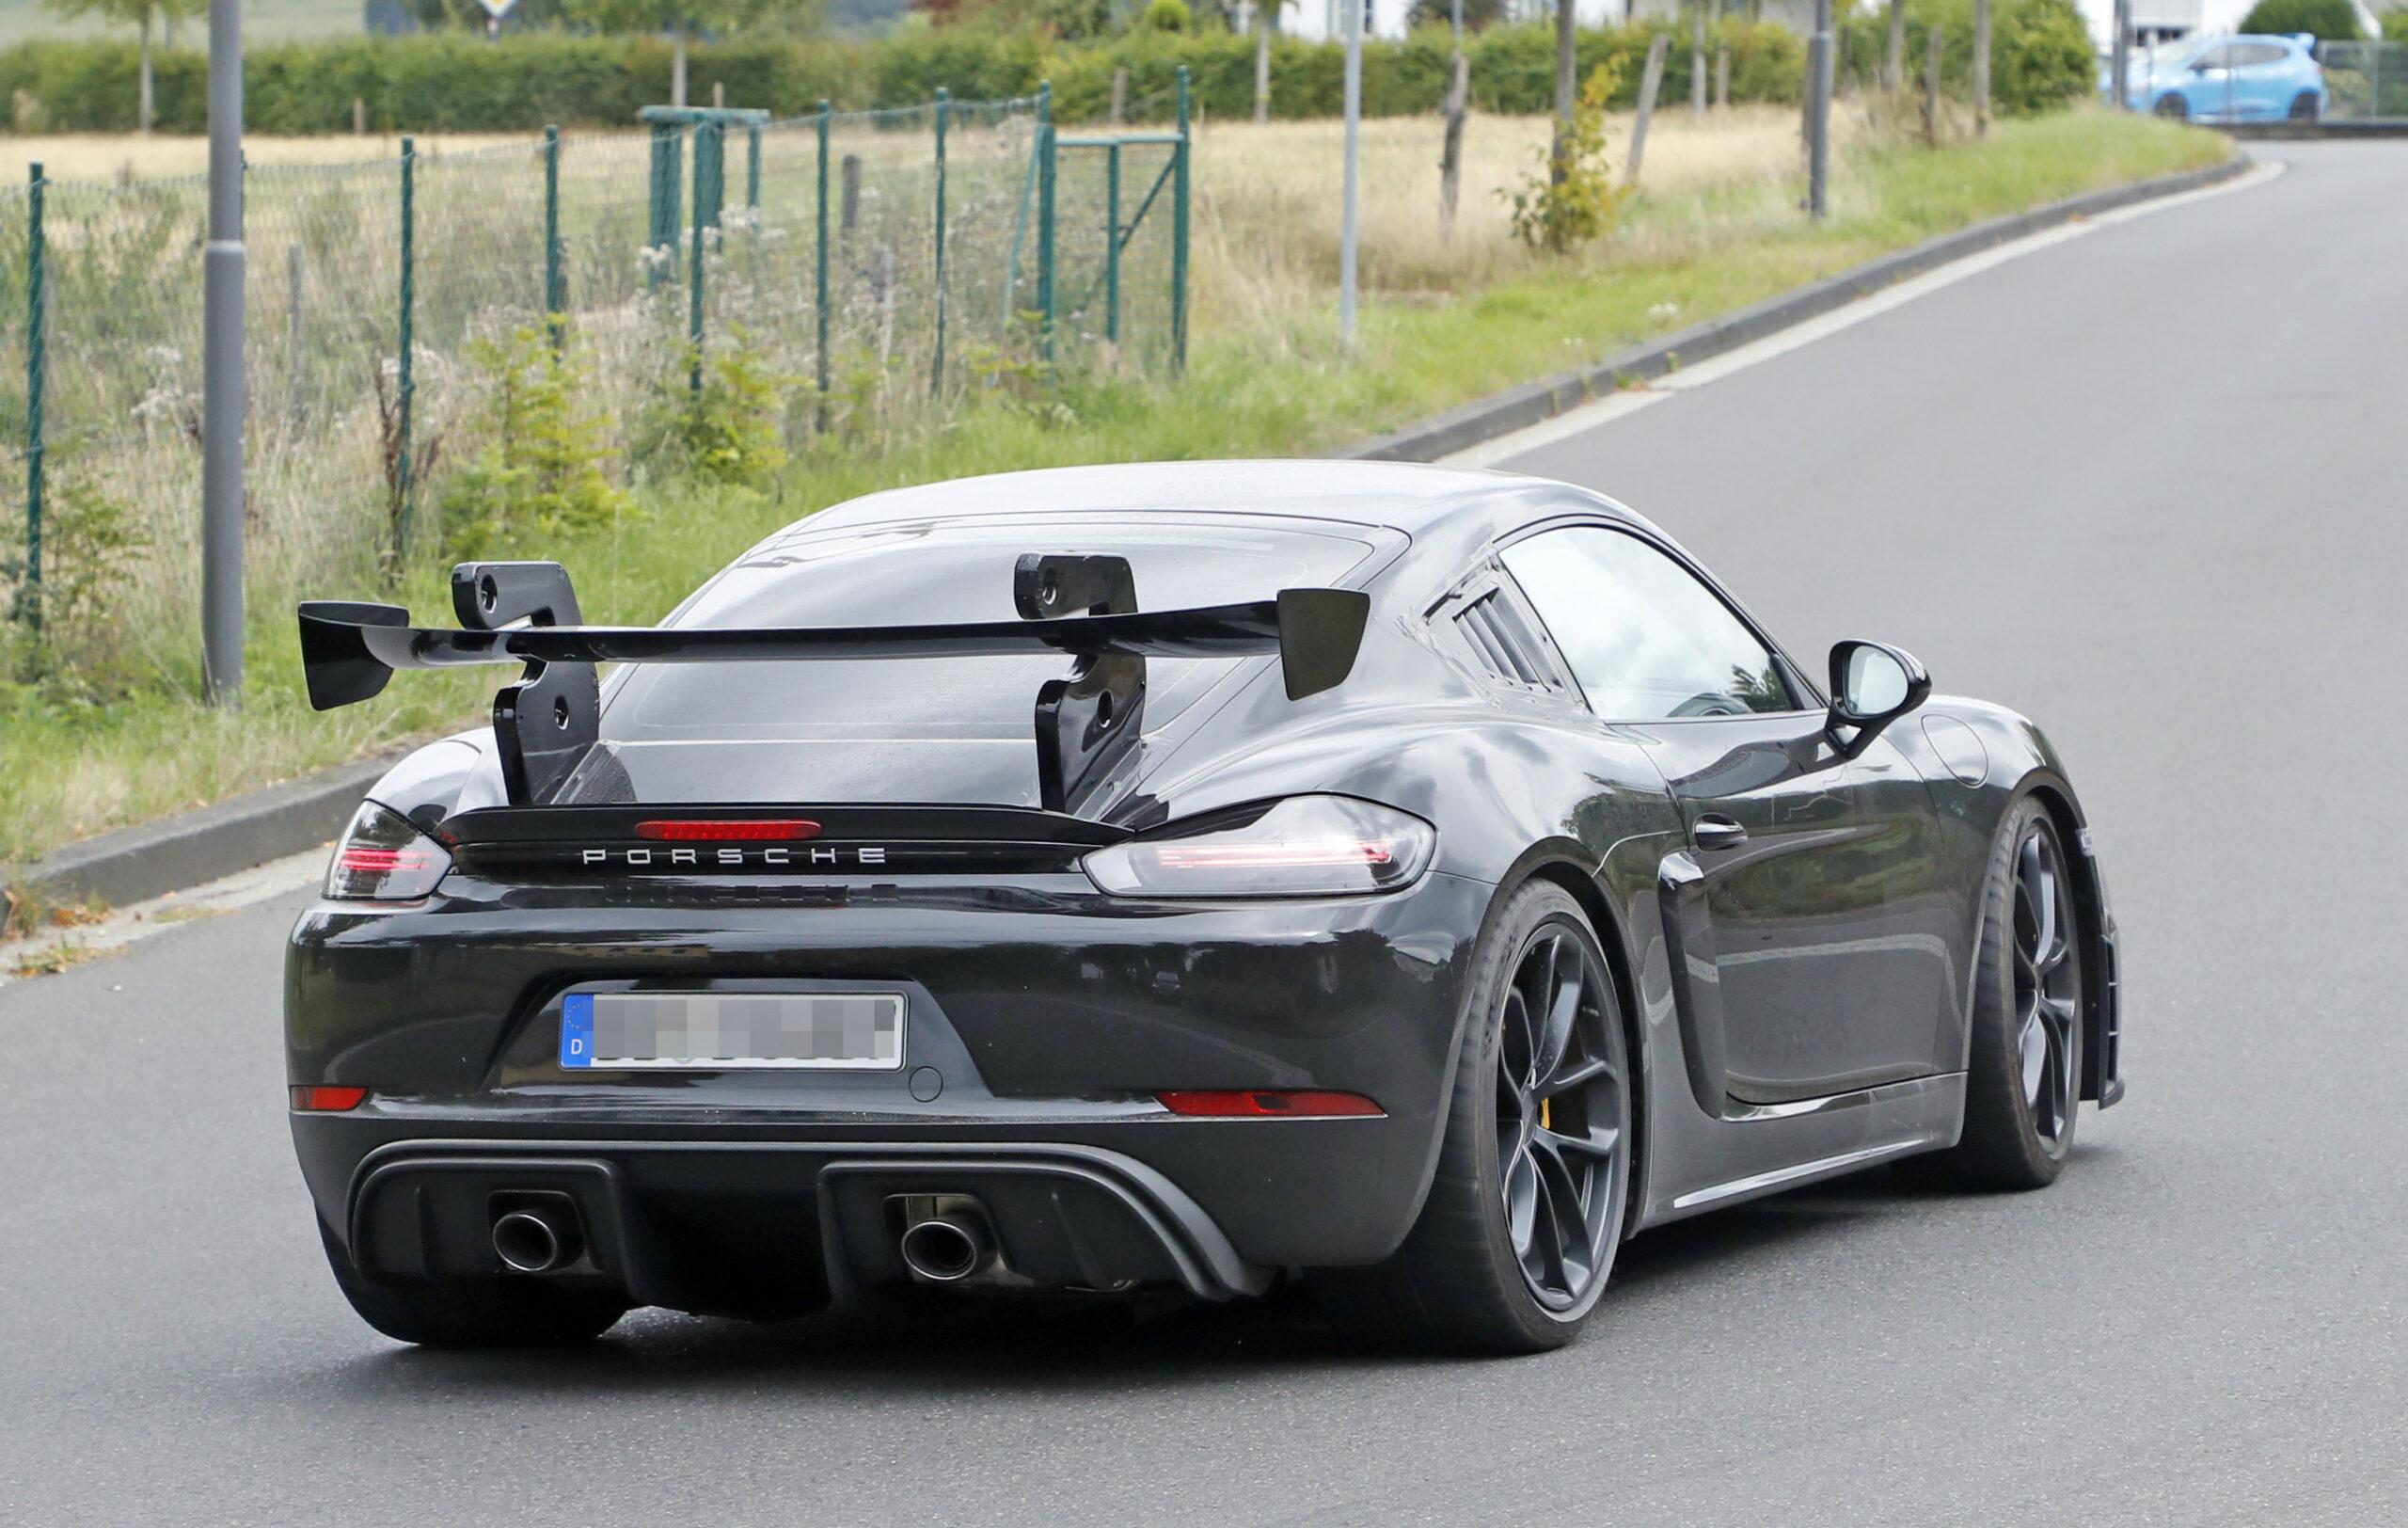 Release 2022 Porsche Cayman